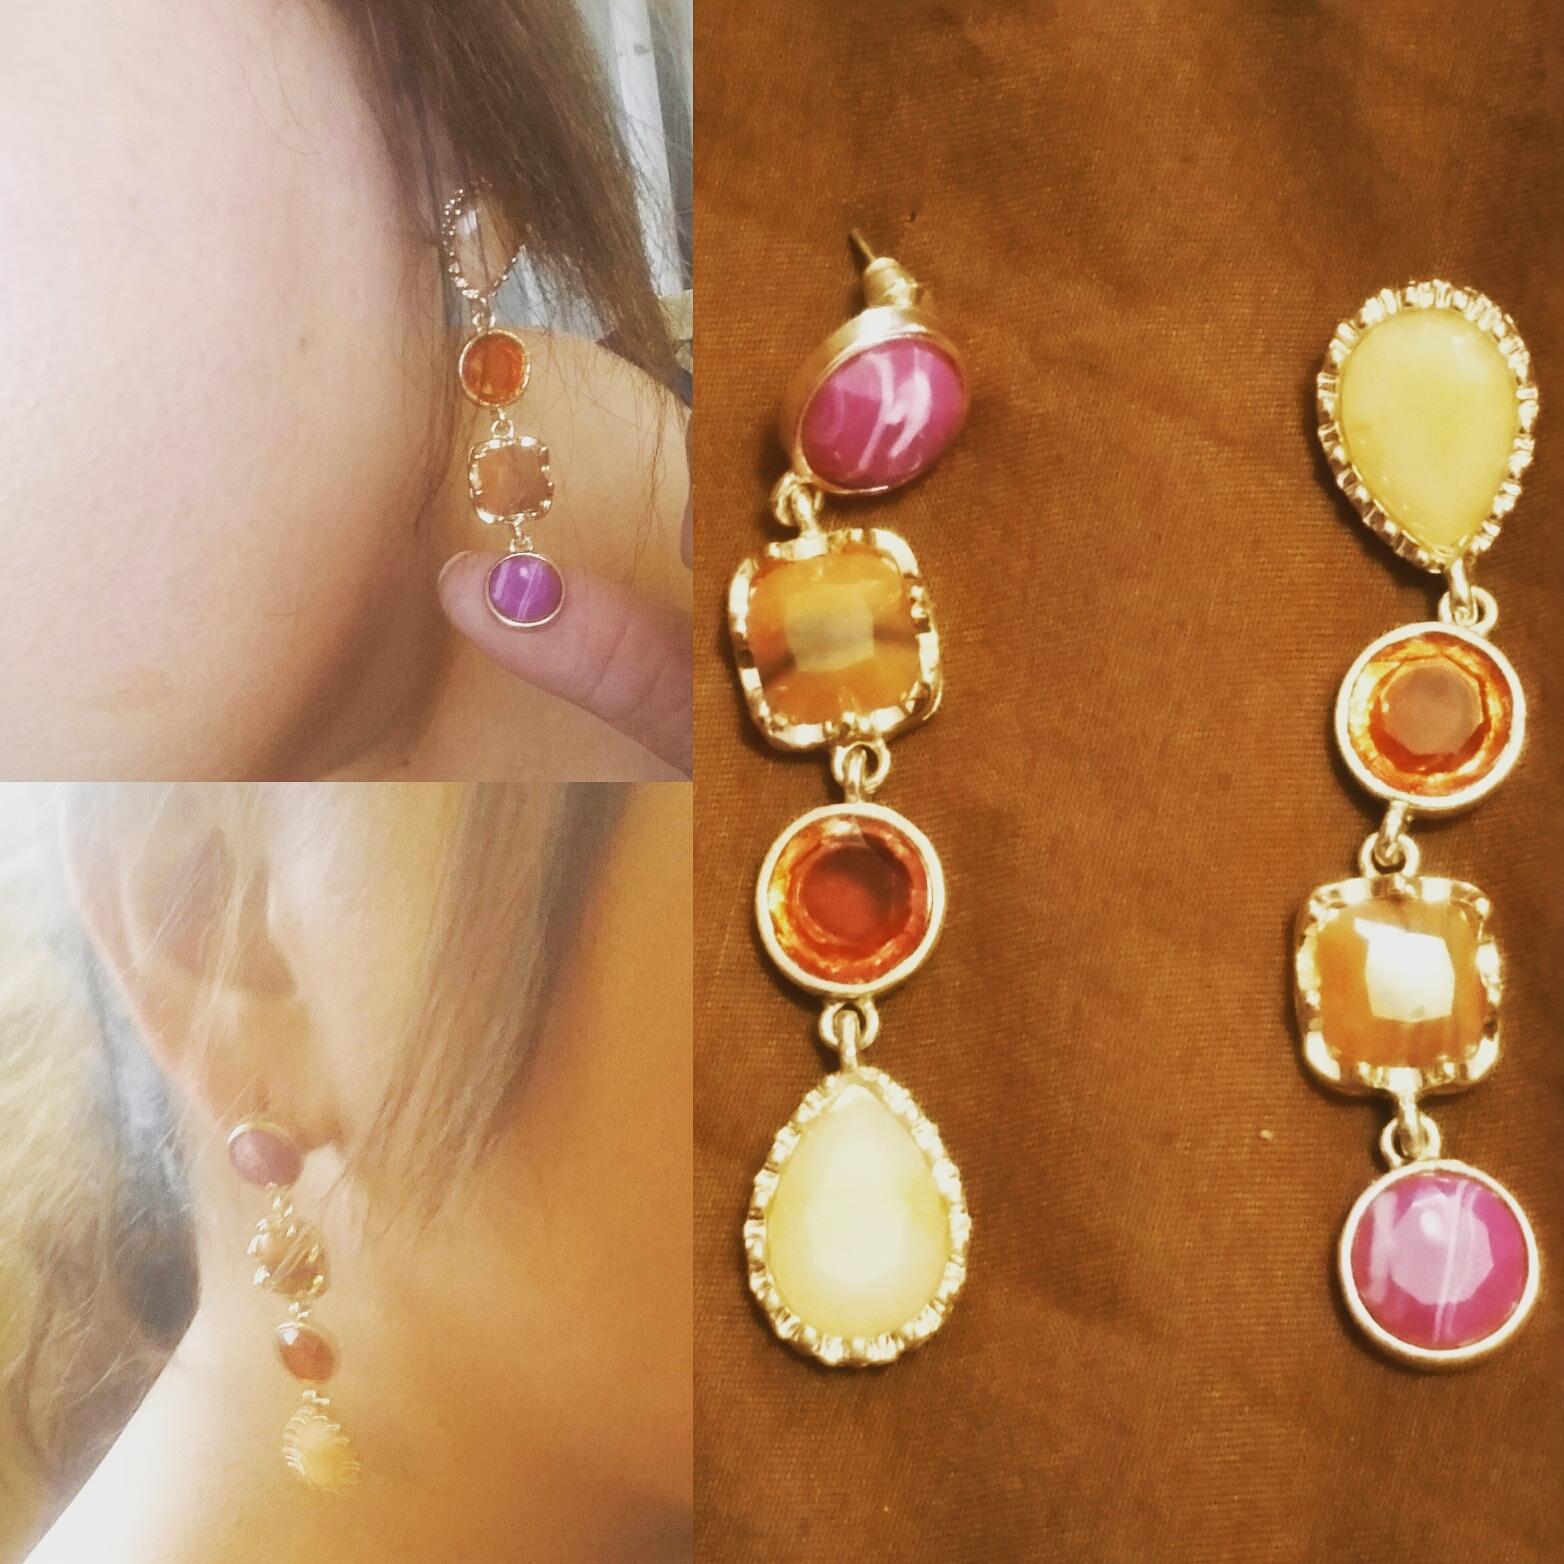 Very pretty earrings